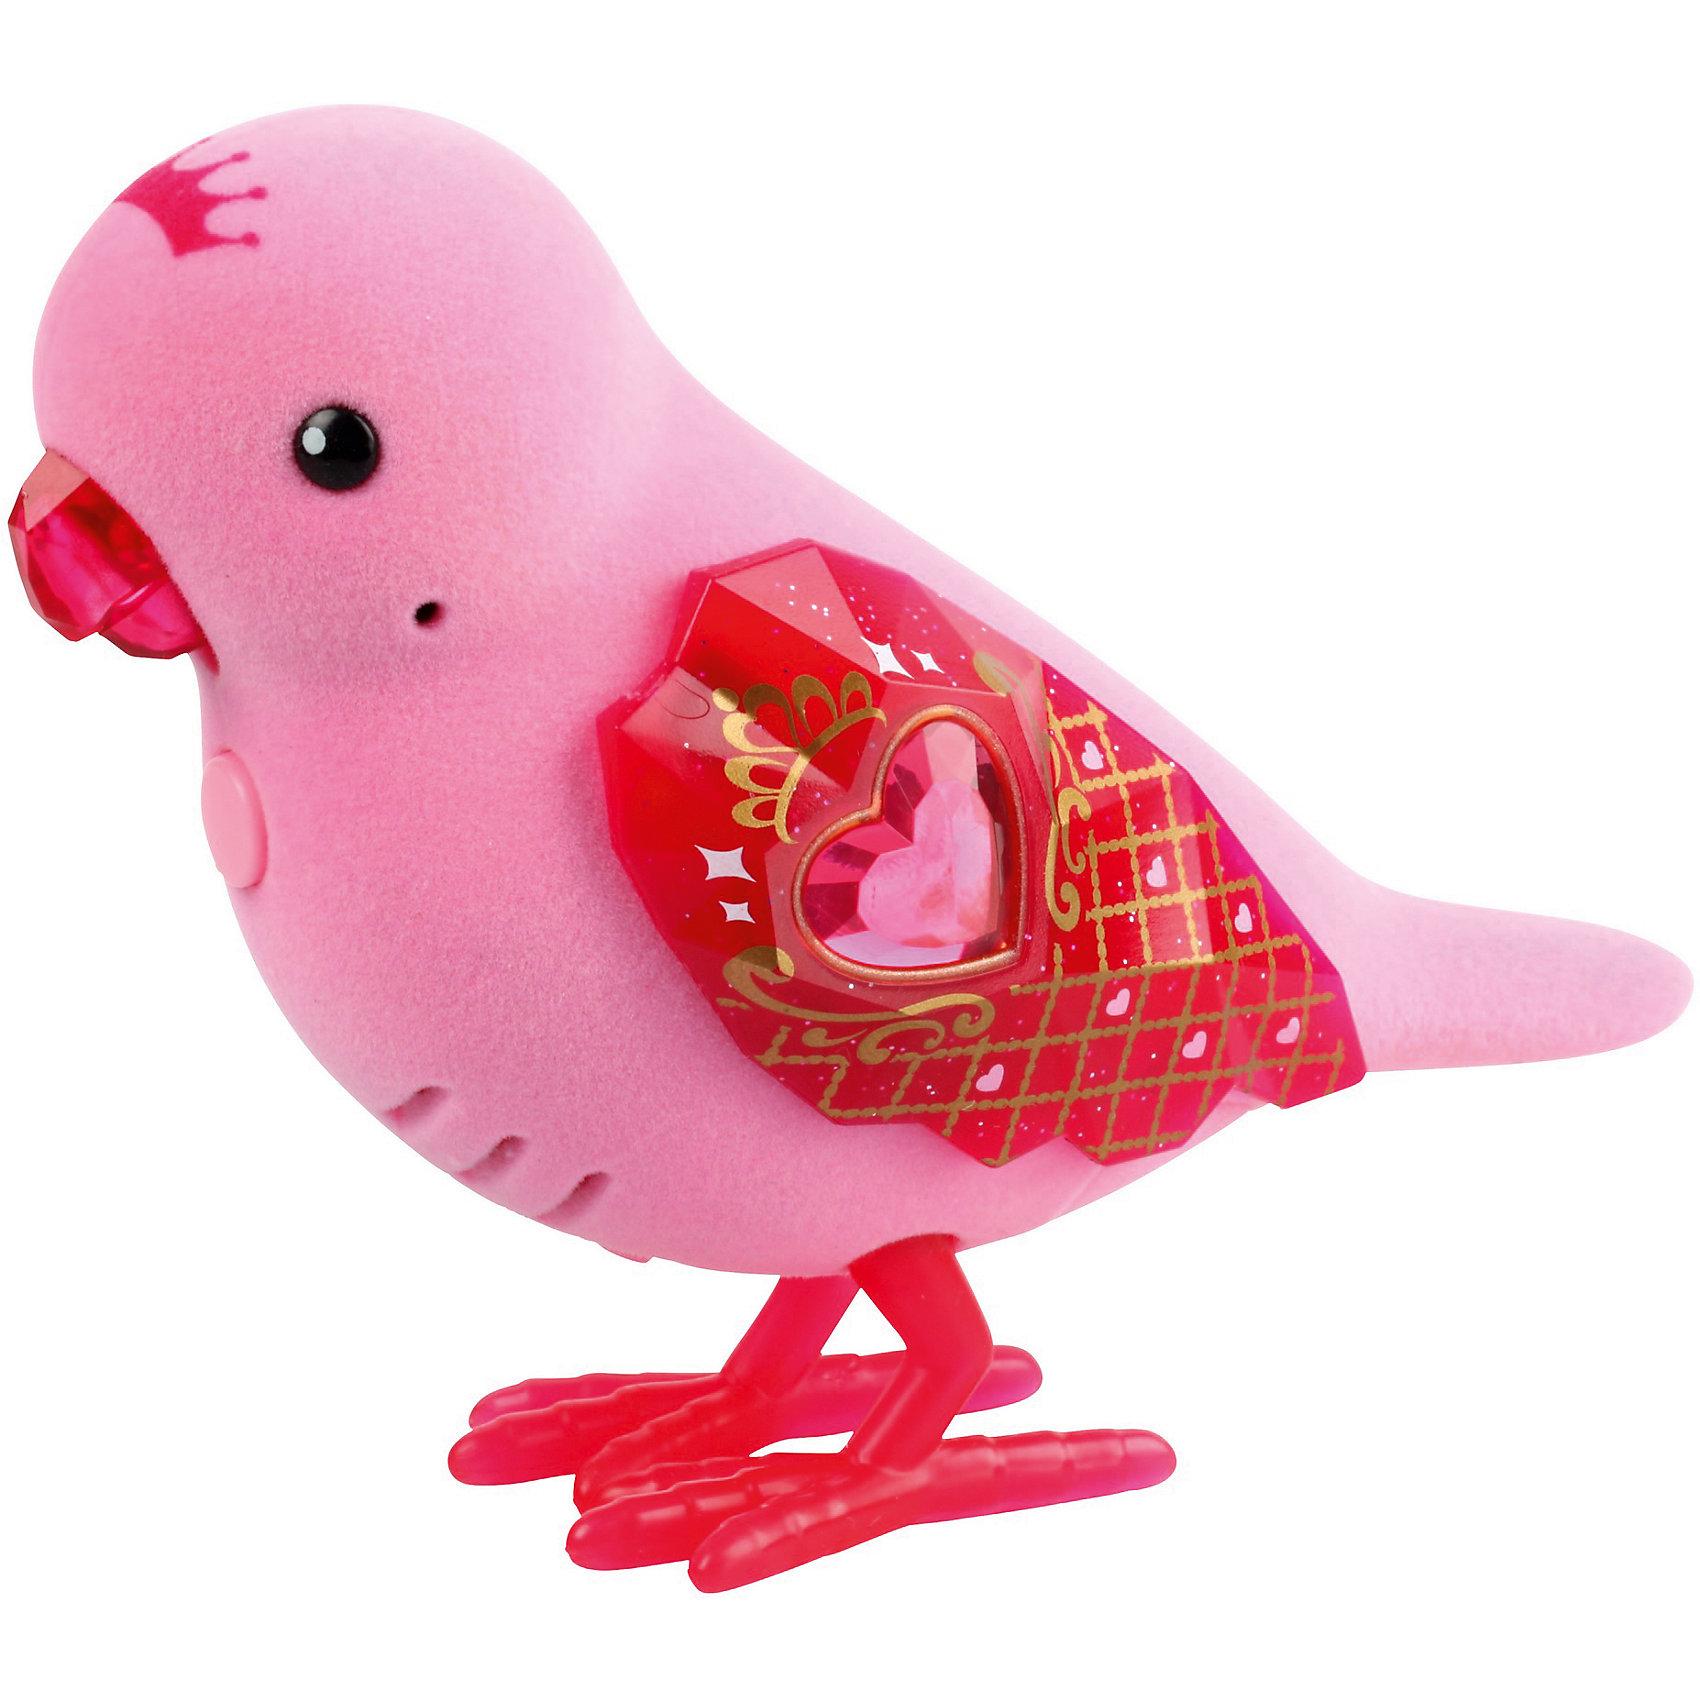 Интерактивная птичка Princess Gemma, Little Live Pets, MooseИнтерактивные животные<br>Птичка Princess Gemma – это яркая игрушка, которая станет незабываемым подарком для ребенка. Очаровательная птичка-принцесса имеет ярко-розовый окрас. На голове игрушки нарисована корона. Красные лапки, клюв и блестящие крылышки обязательно привлекут внимание ребенка. Крылья украшены золотистыми узорами. На груди птички расположена кнопка, нажав на которую, ребенок услышит ее пение. Птичка может двигать клювом, а если ребенок ее погладит, то она будет реагировать на это.<br>В комплект входит: 1 птичка.<br>Игрушка продается в упаковке блистерного типа. Ее размер: 22х5,5х14 см.<br>Для работы потребуются две батарейки ААA. В набор не входят<br>Рекомендуемый возраст: от 5 лет.<br><br>Ширина мм: 55<br>Глубина мм: 140<br>Высота мм: 220<br>Вес г: 140<br>Возраст от месяцев: 60<br>Возраст до месяцев: 2147483647<br>Пол: Унисекс<br>Возраст: Детский<br>SKU: 5611996